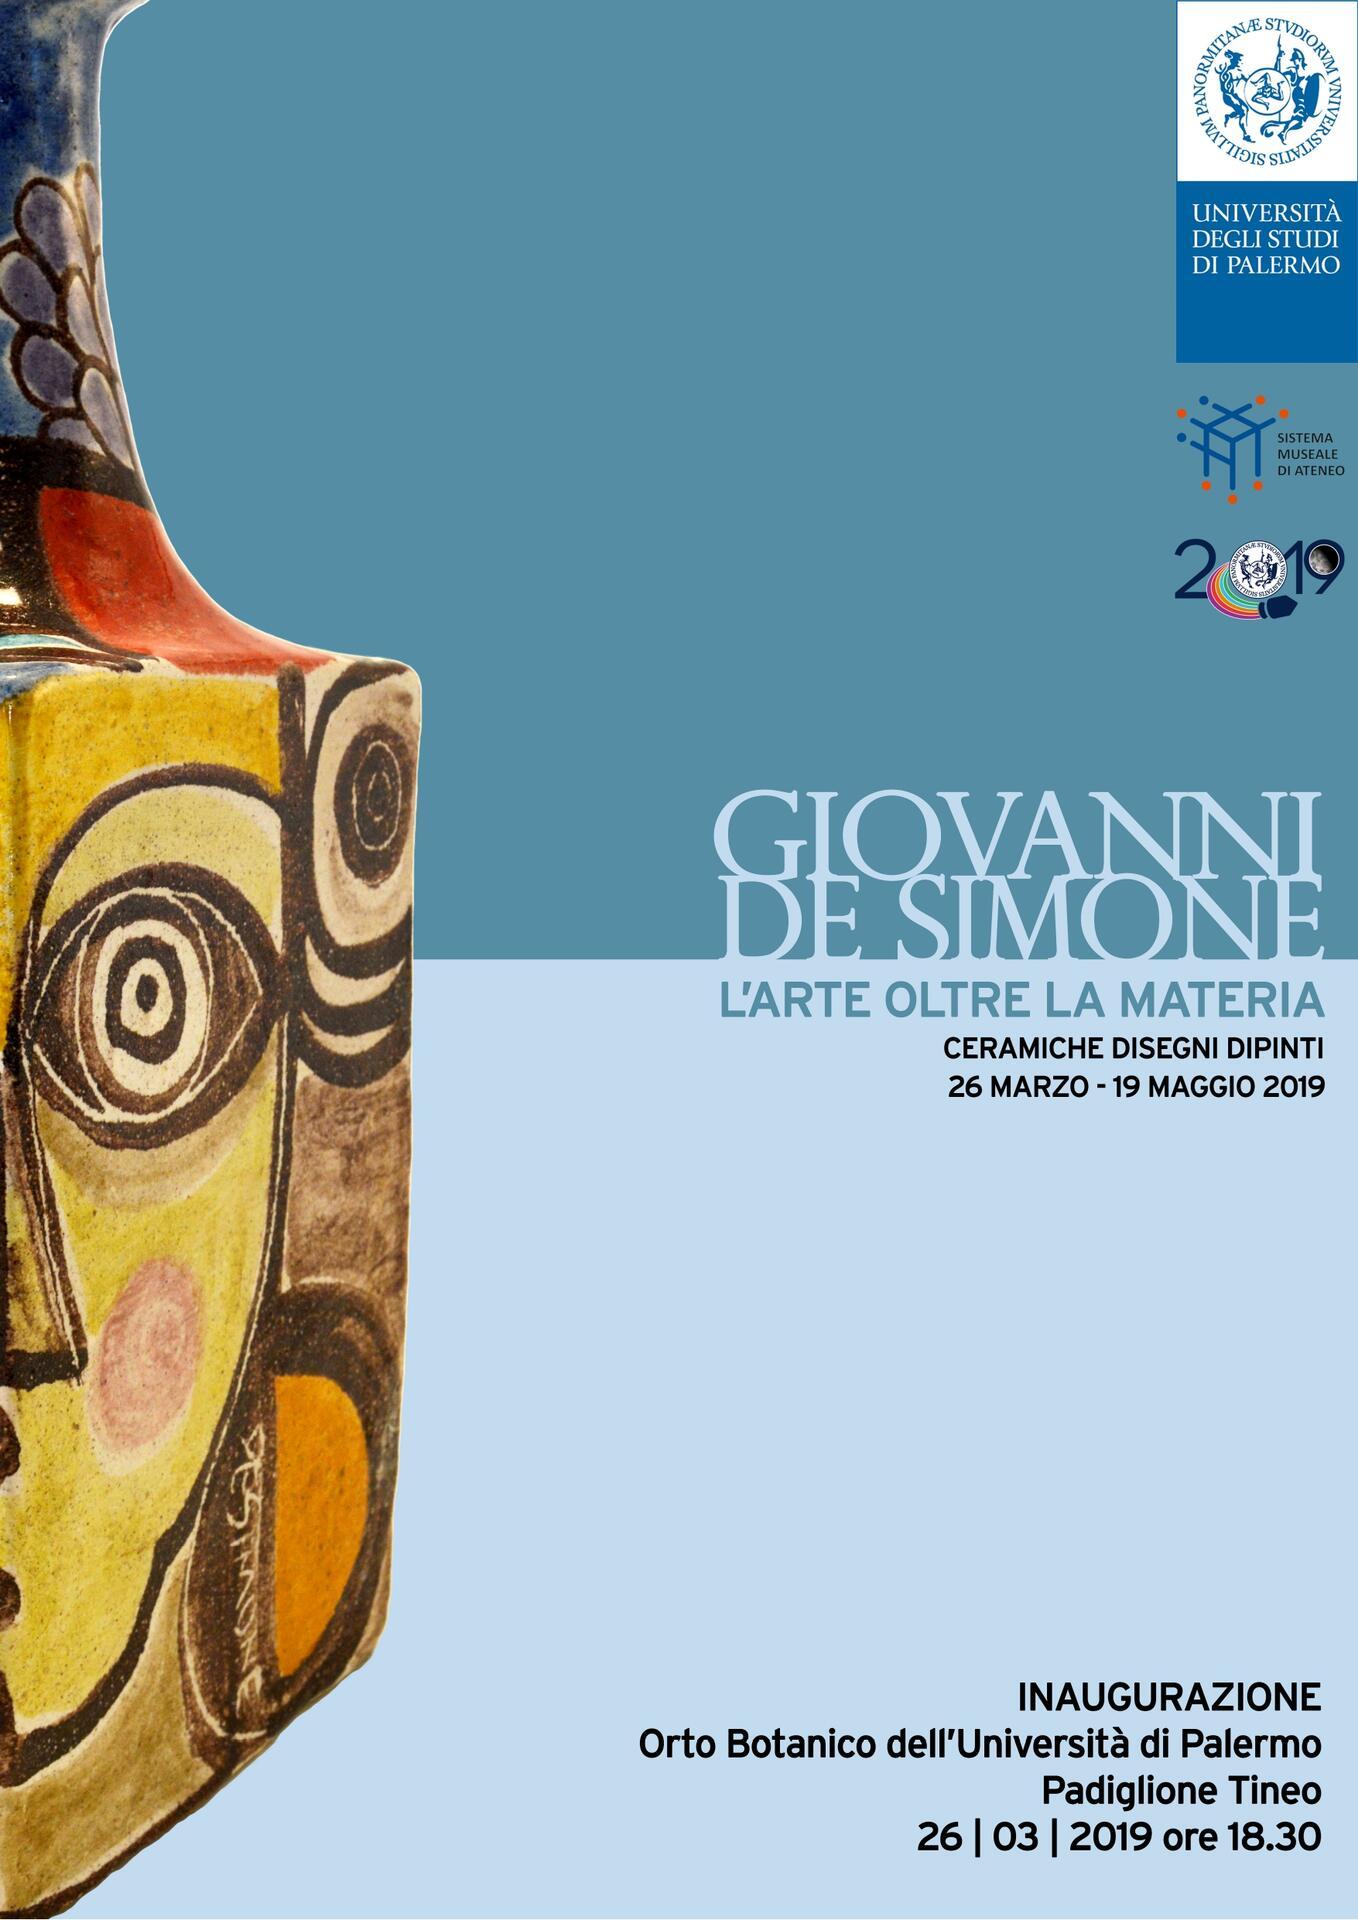 Locandina_Mostra-Giovanni-De-Simone - -Larte-oltre-la-materia_pages-to-jpg-0001